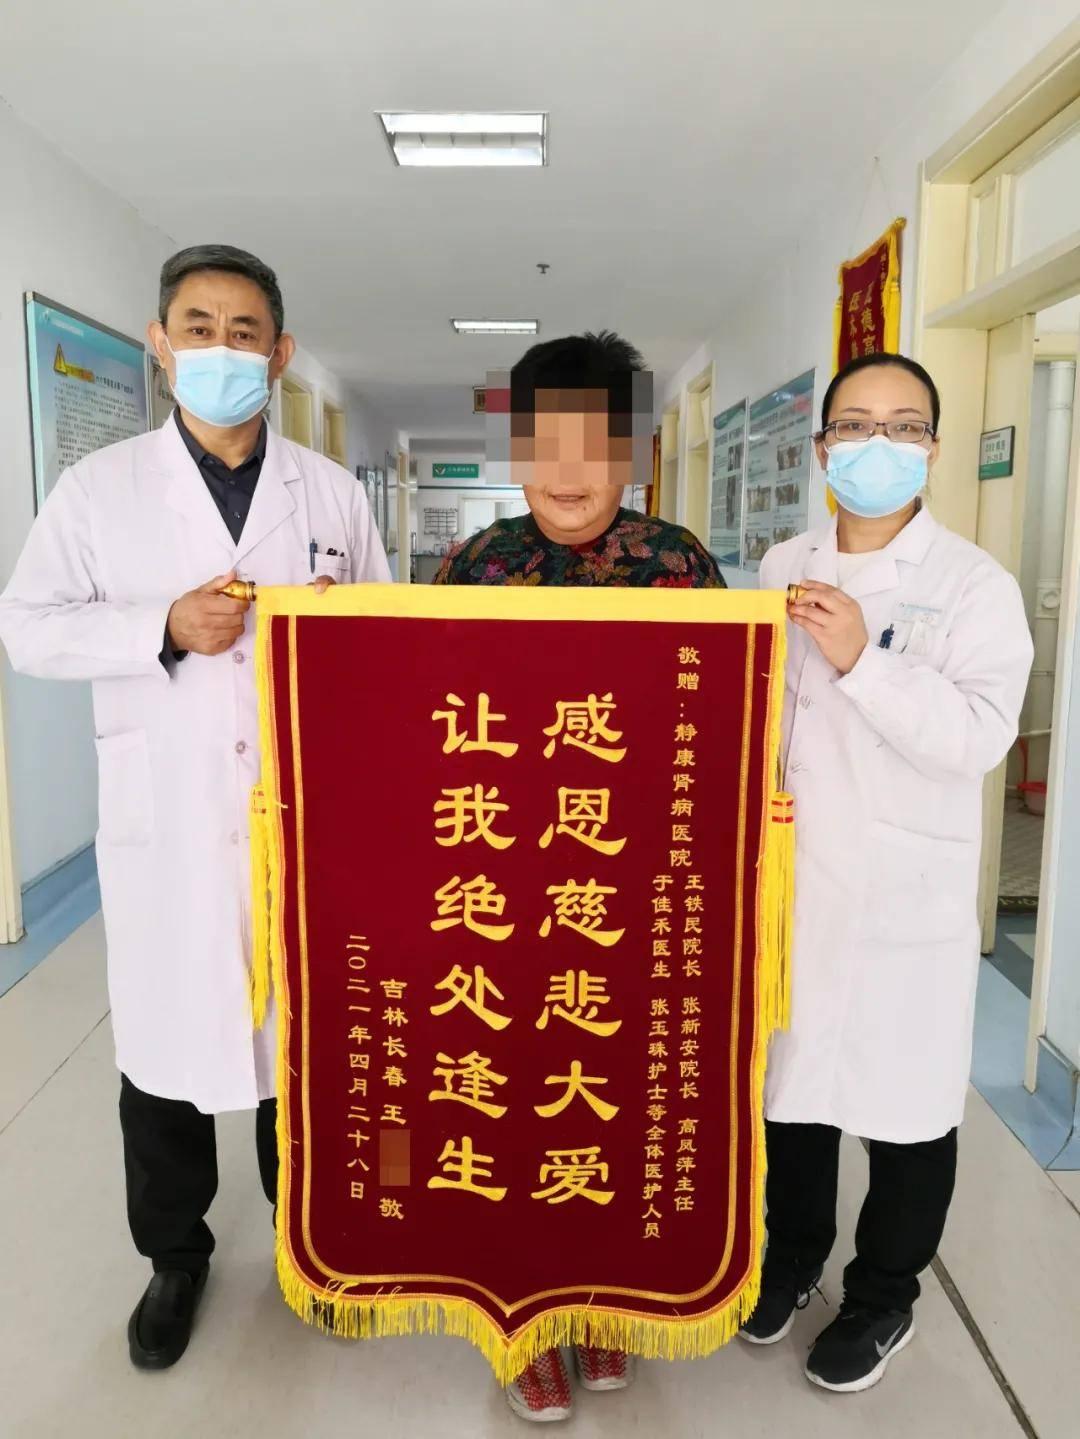 本已打算换肾老人重获转机 向山东静康肾病医院送上锦旗表谢意